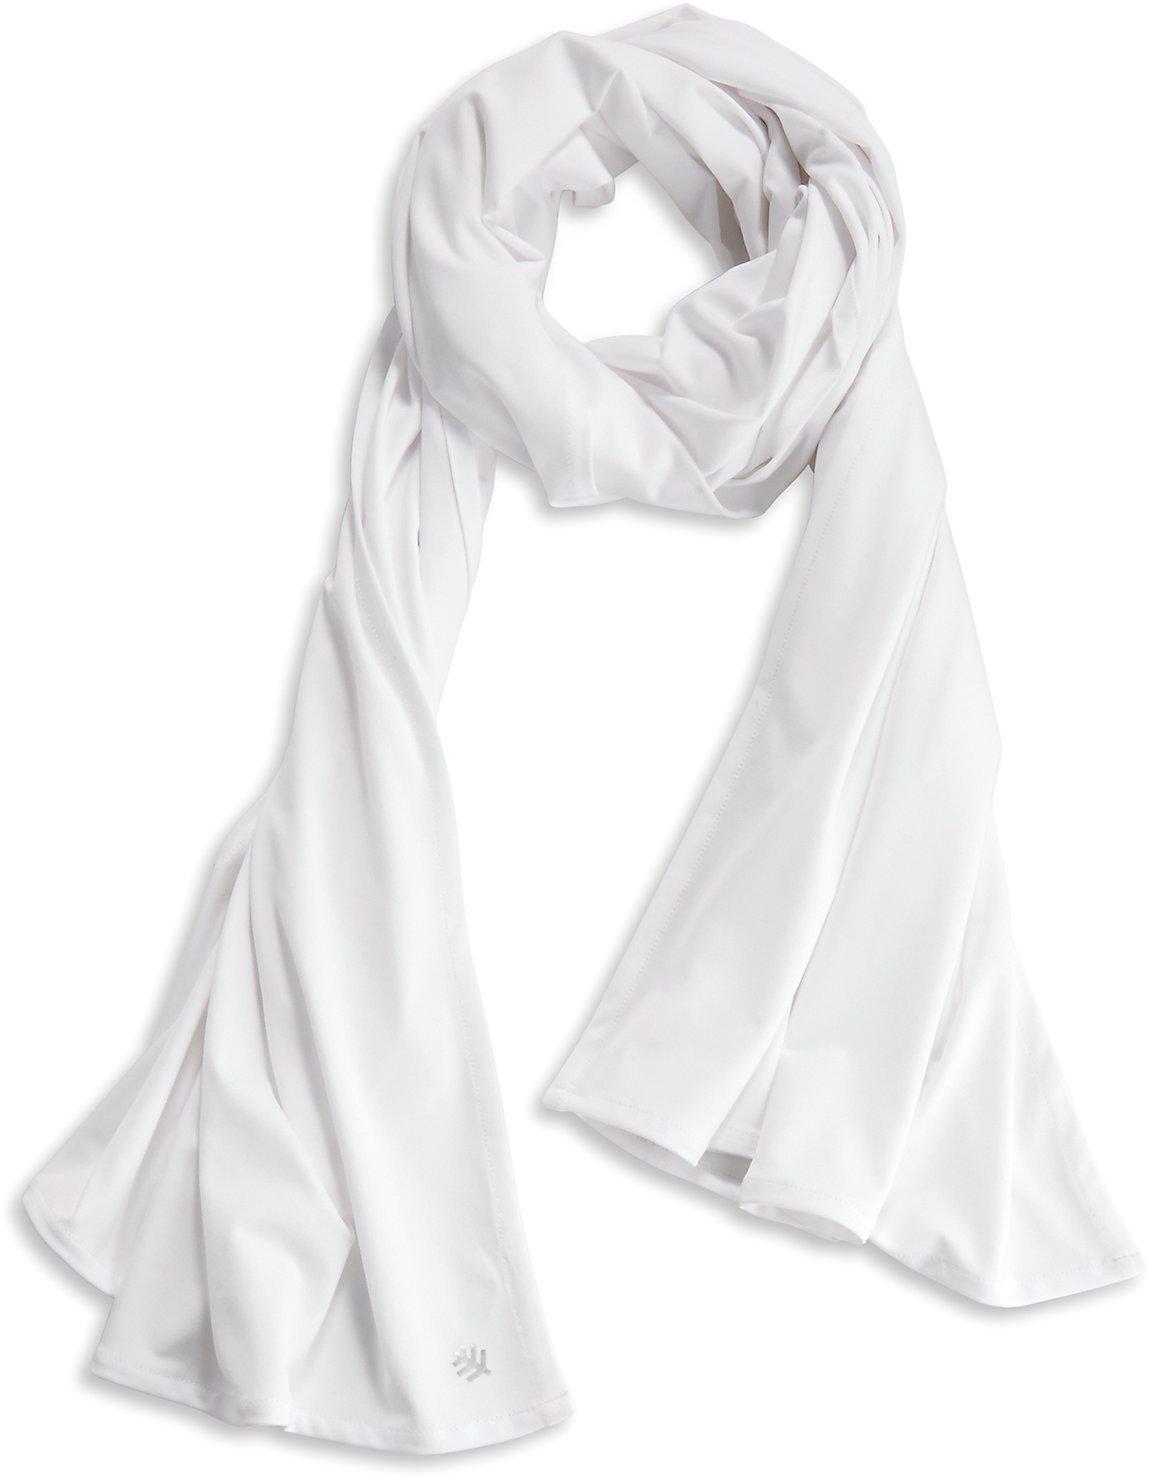 Coolibar UPF 50+ Women's Sun Shawl - Sun Protective (One Size- White) by Coolibar